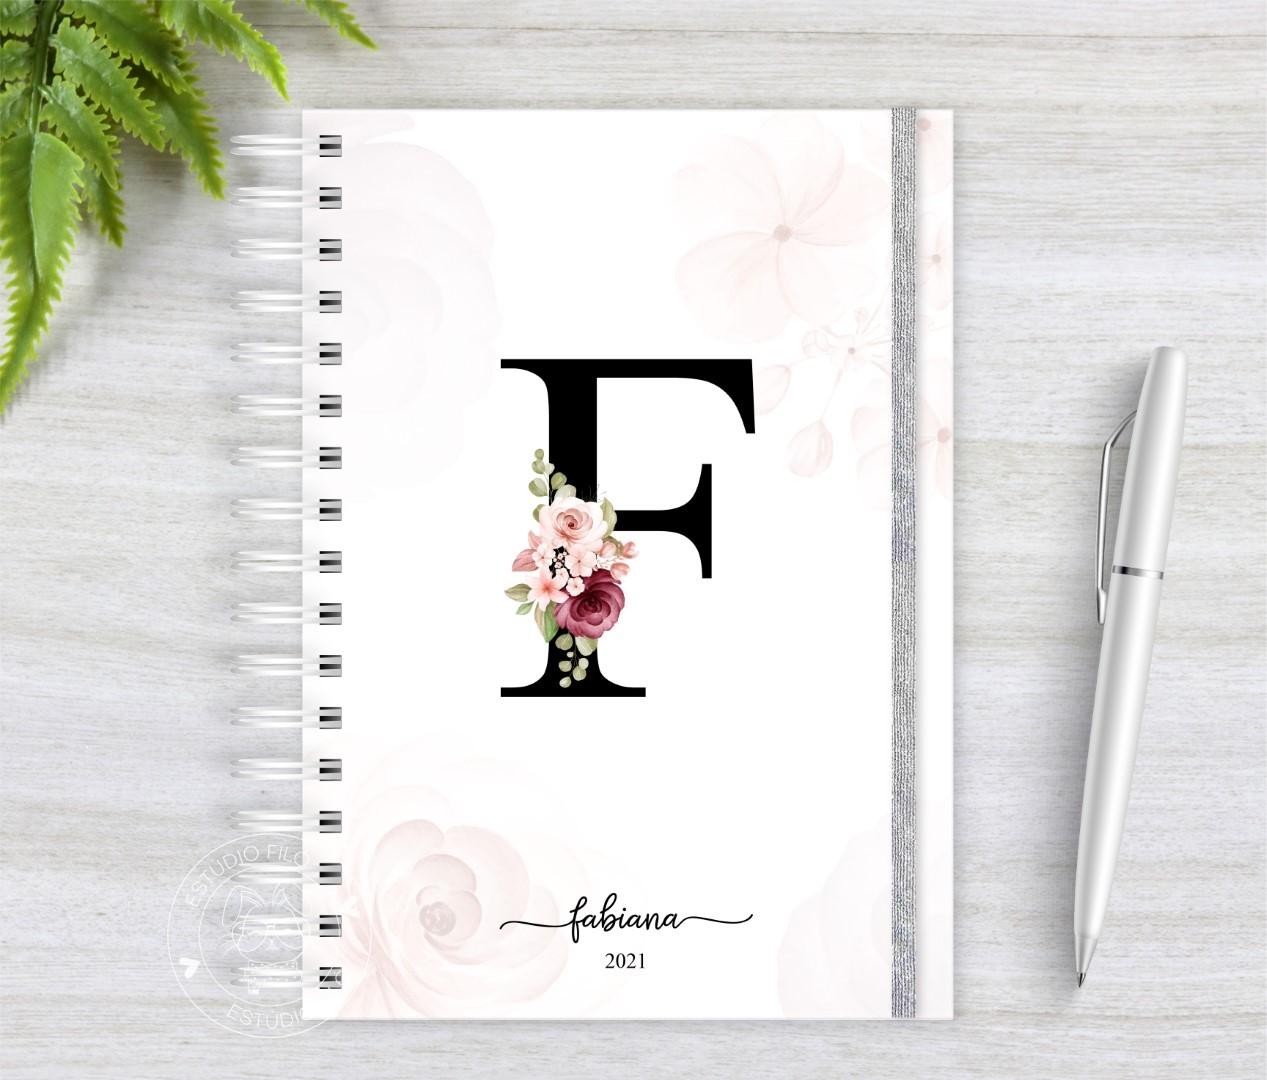 Agenda letra floral 2021